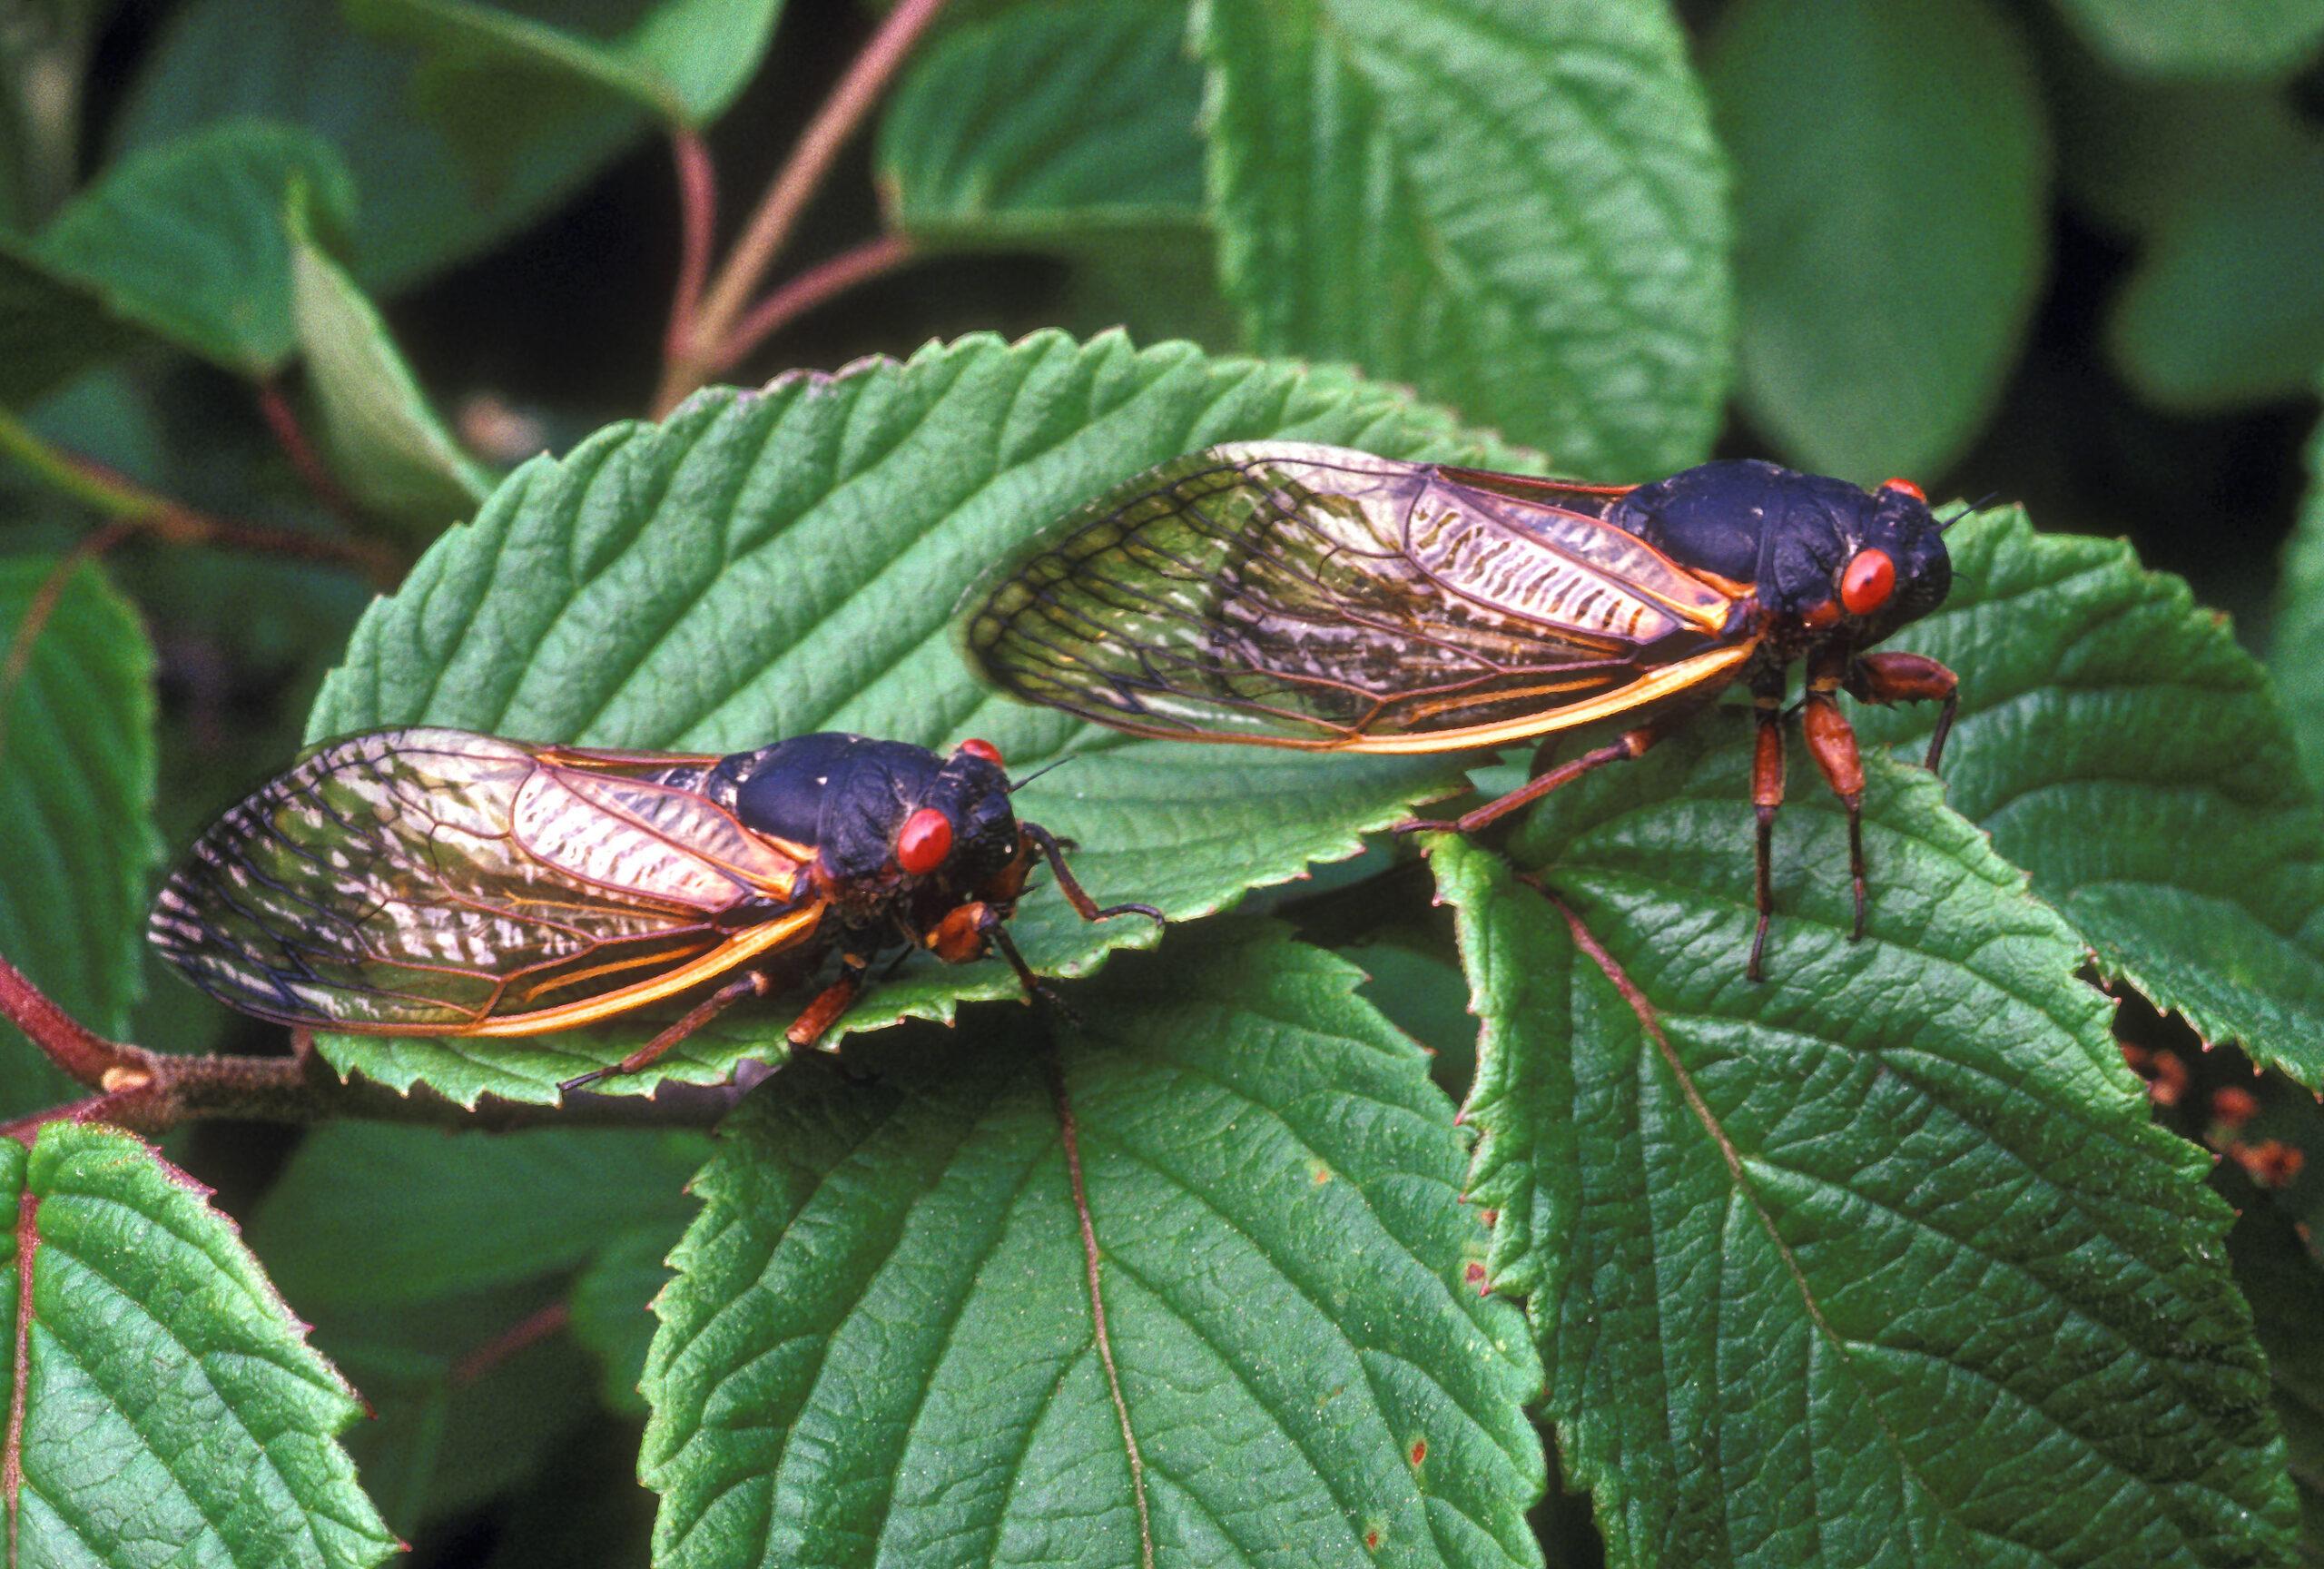 The Brood X Cicada